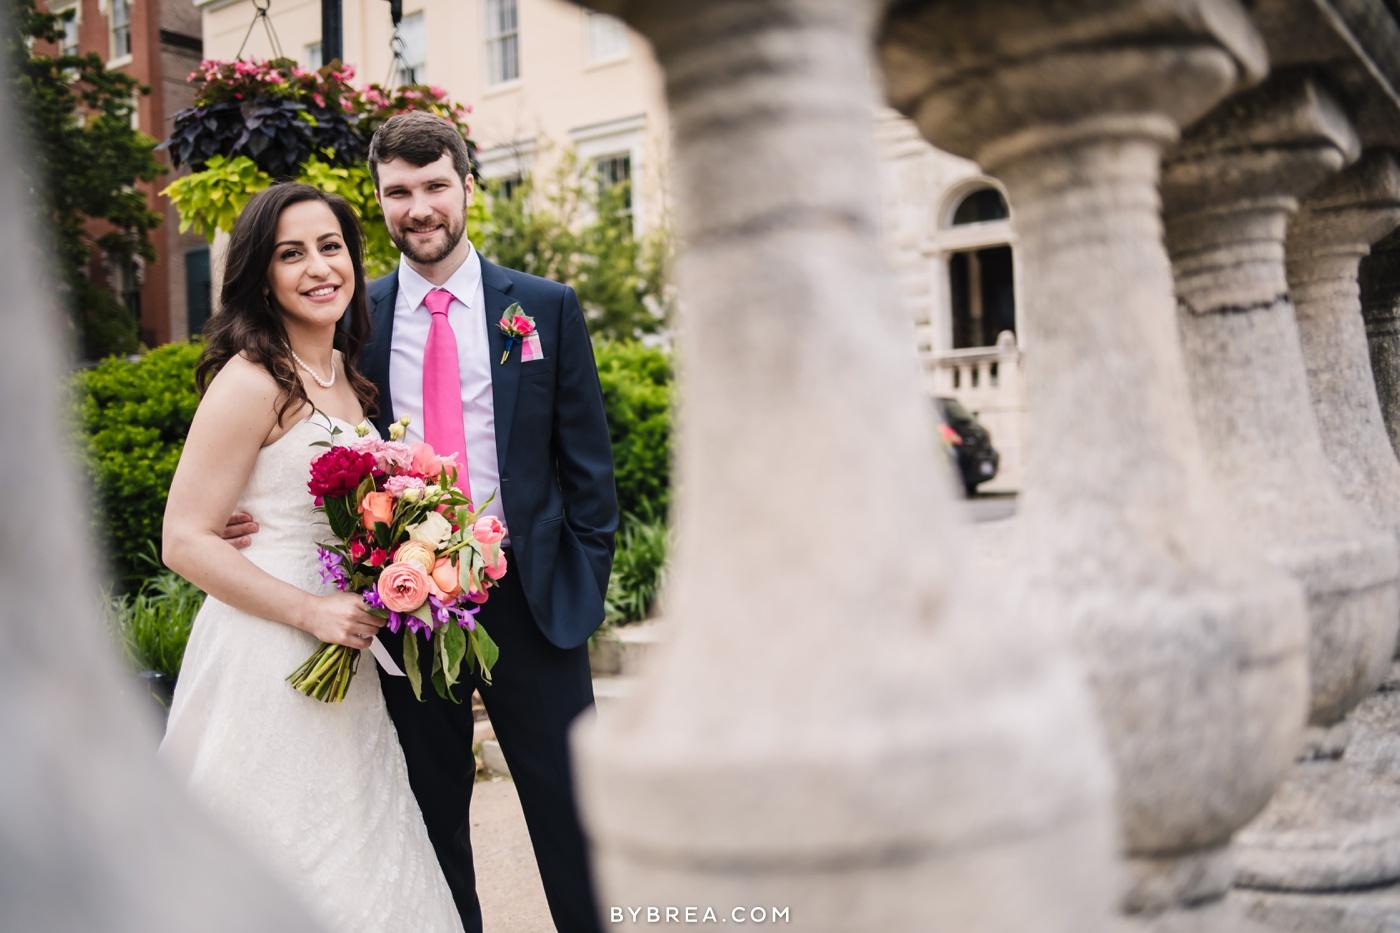 Baltimore wedding photo couple portrait bridal bouquet by The Floral Studio